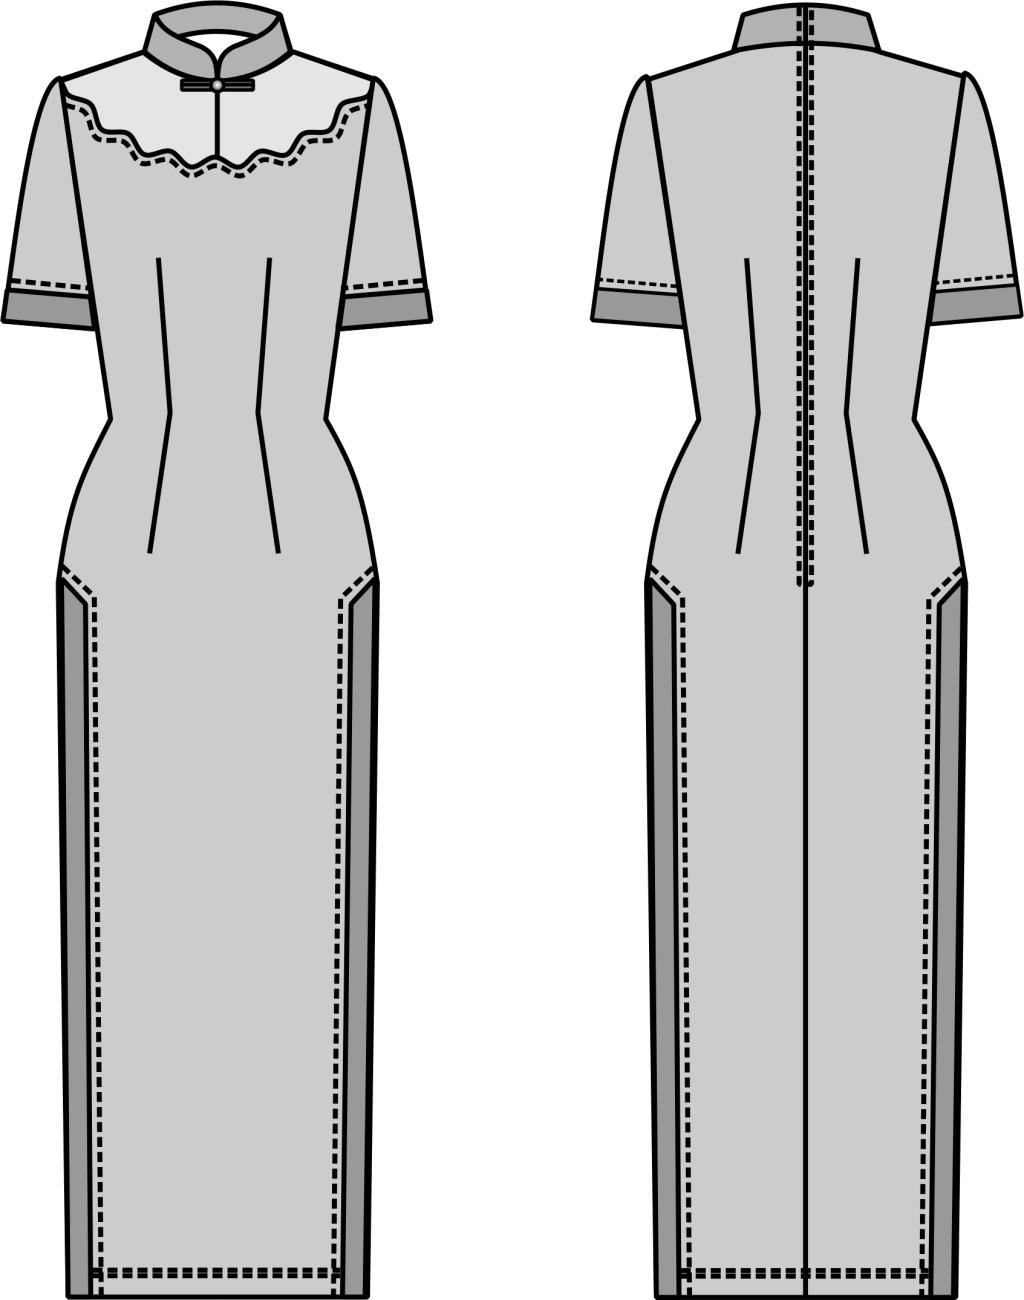 废旧物品手工制作旗袍